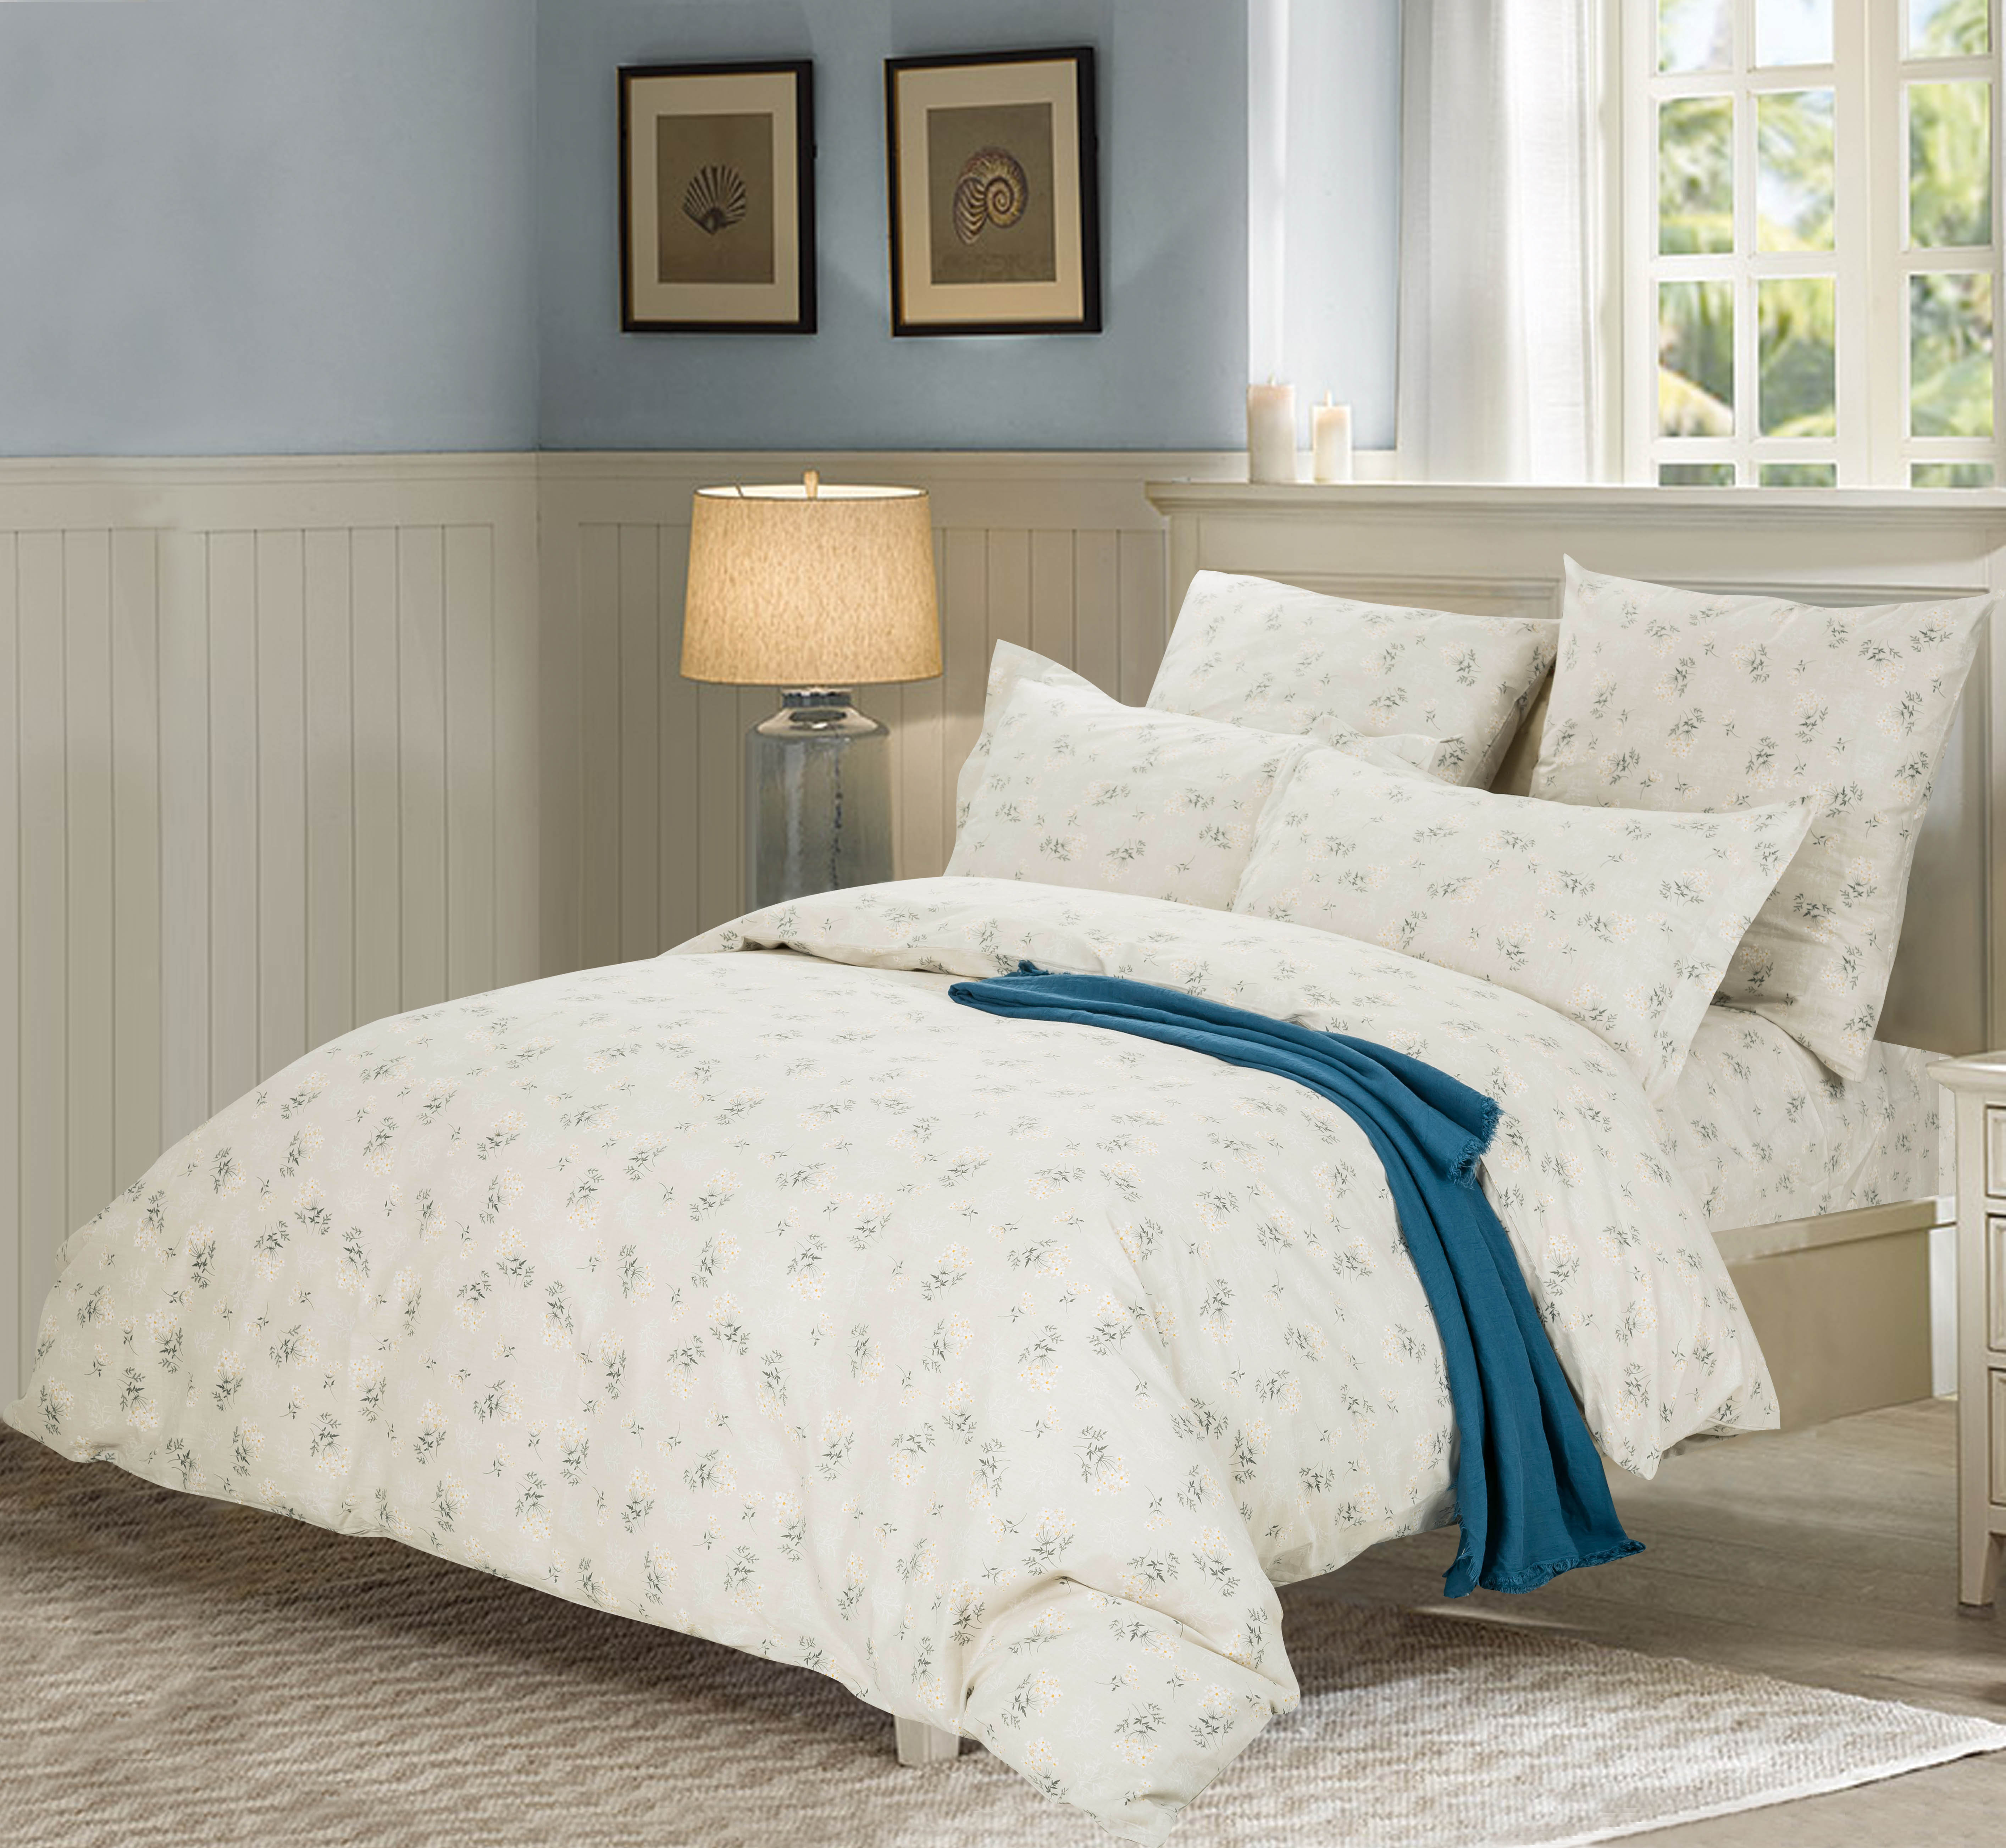 Купить Комплекты постельного белья СайлиД, Постельное белье Home A-181 (2 спал.), Китай, Поплин